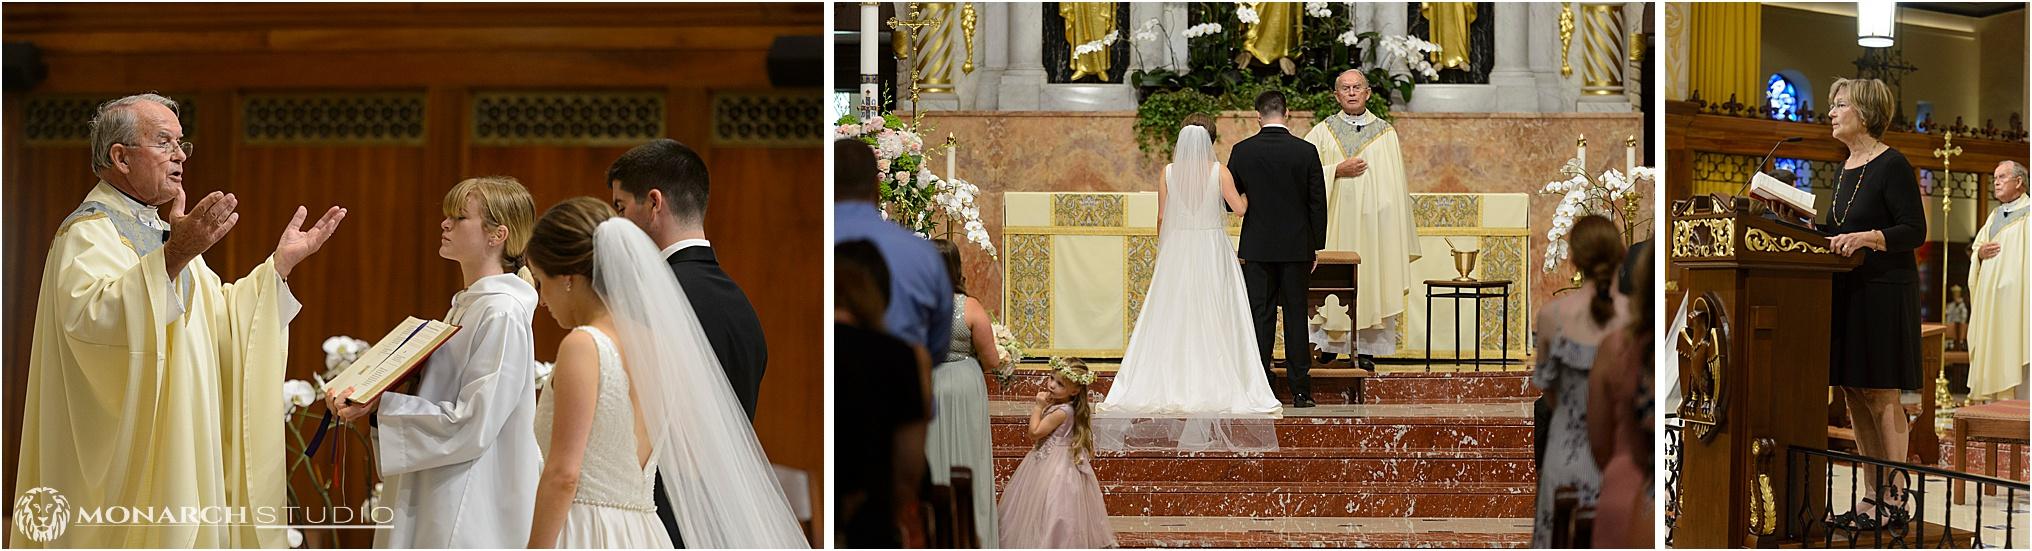 Wedding-PHotographer-in-st-augustine-2019-028.jpg